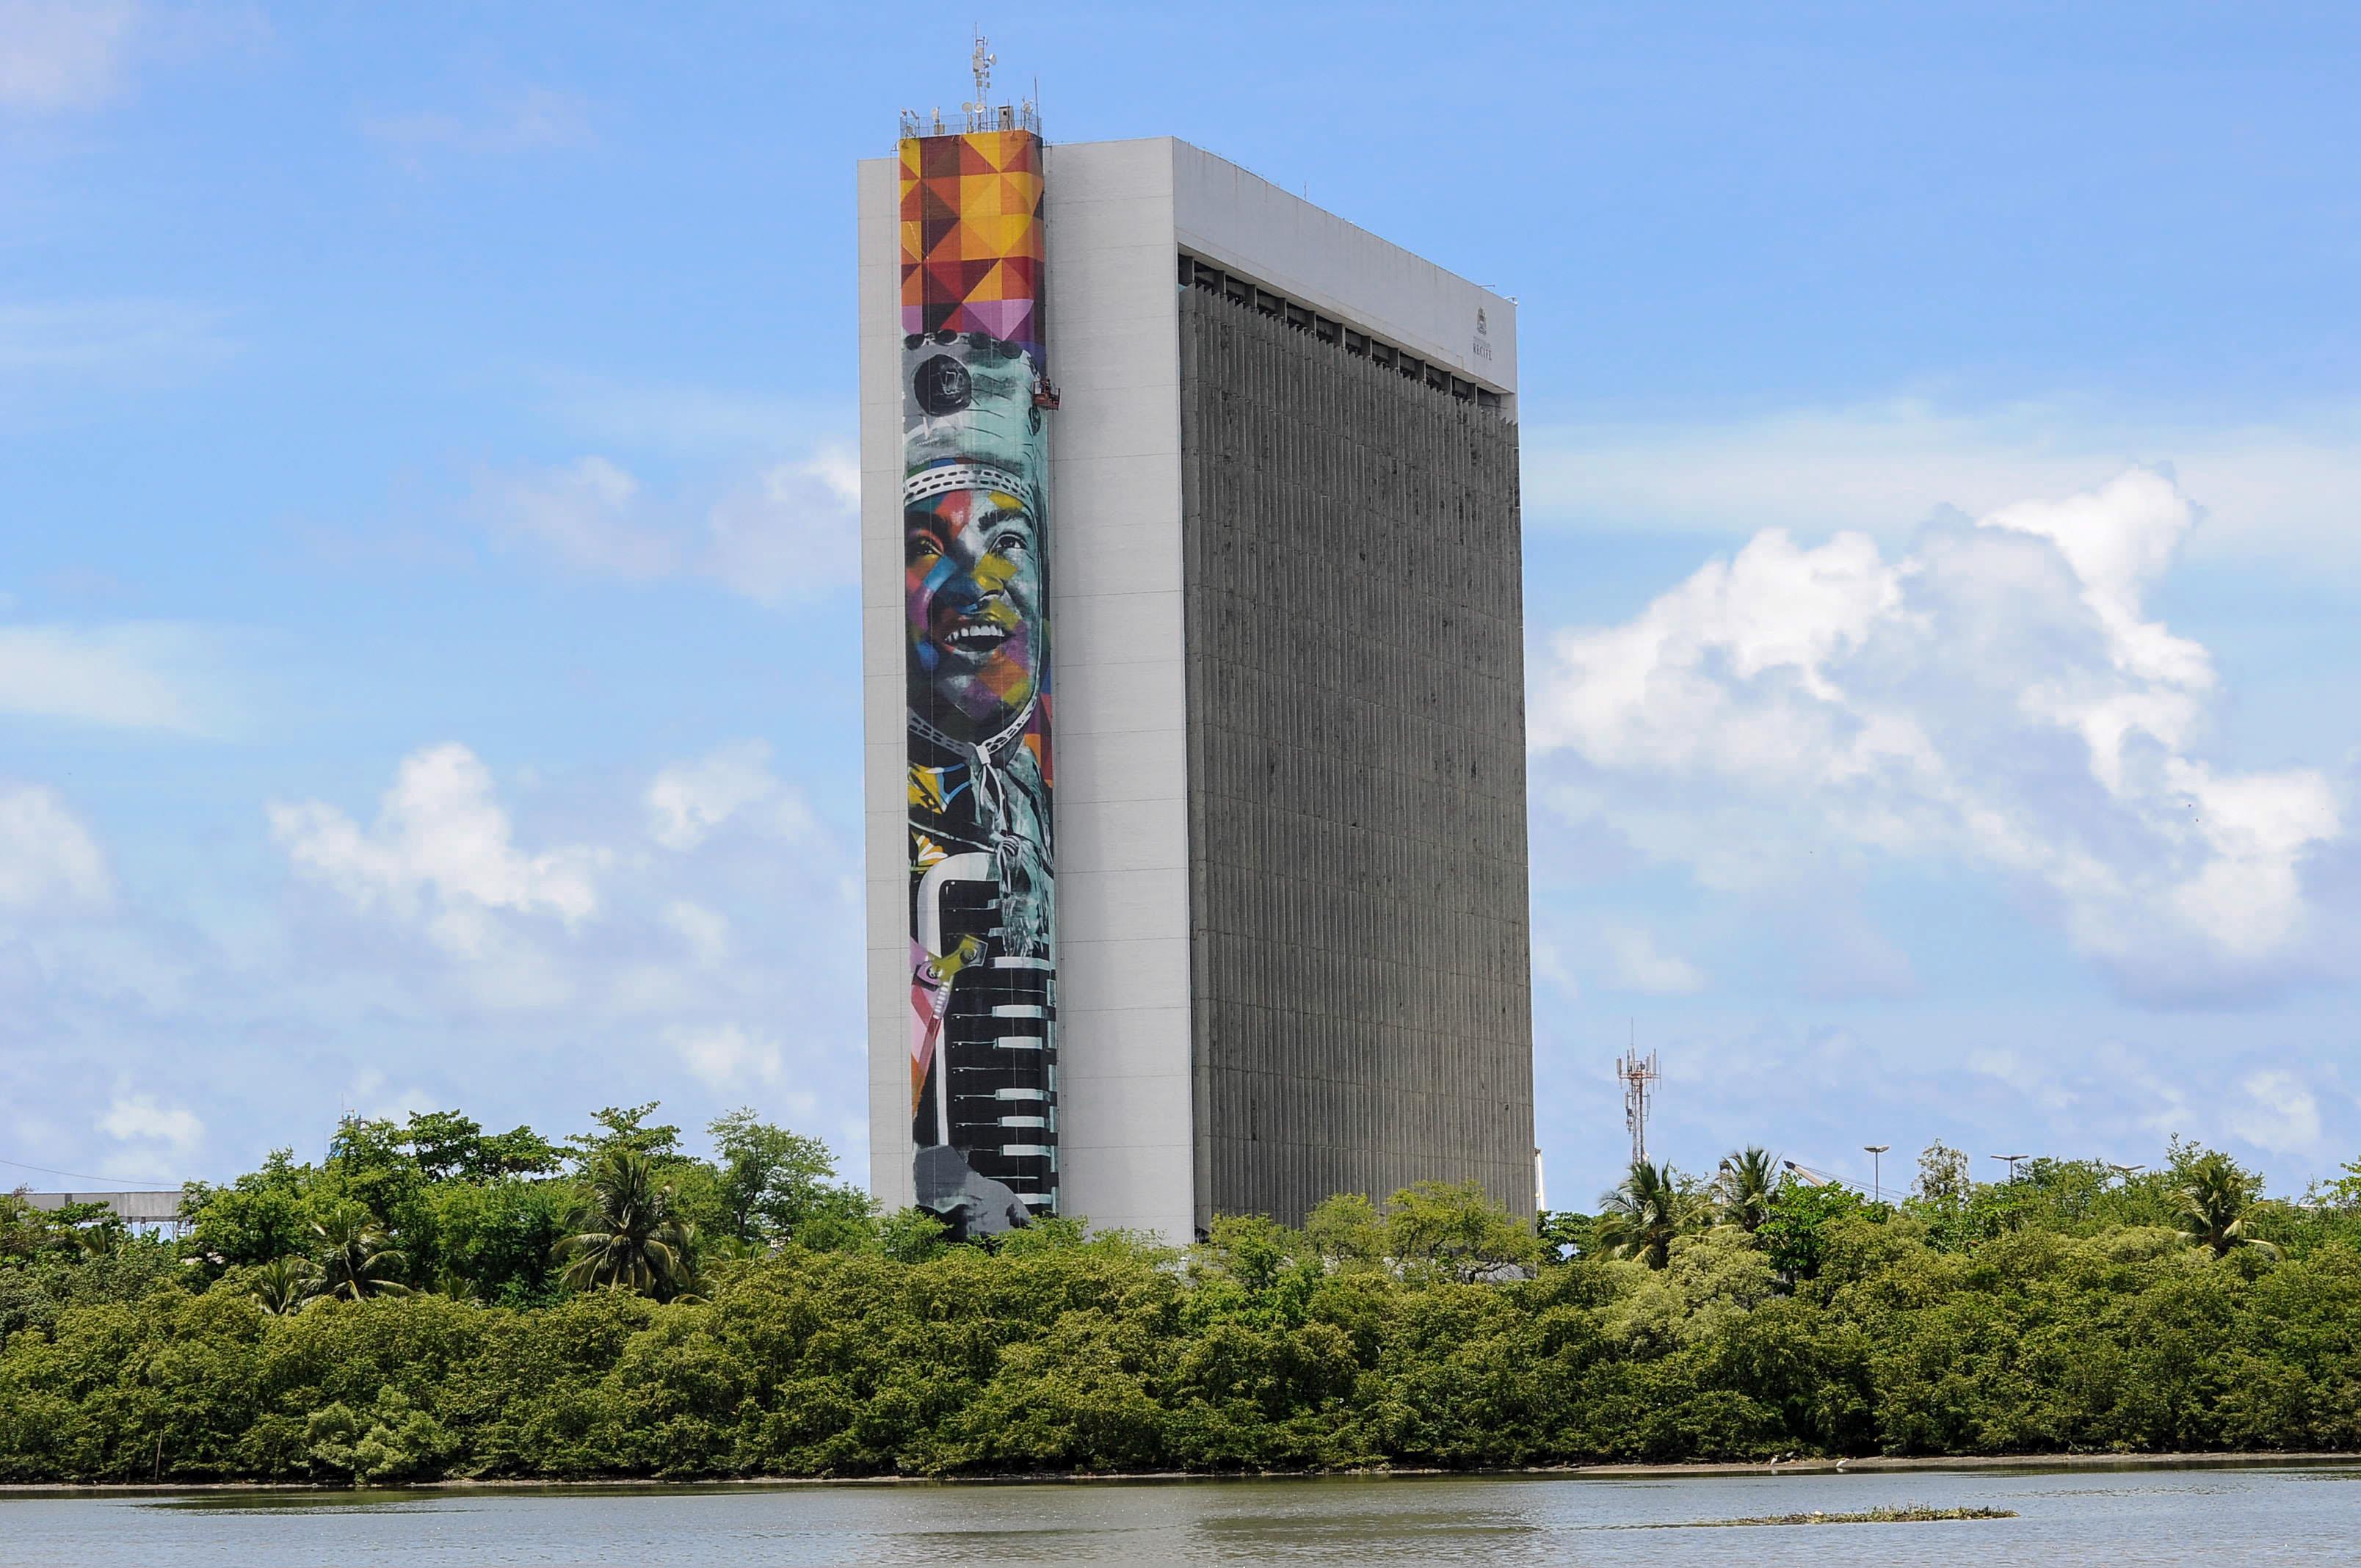 Mural de Eduardo Kobra, artista plastico, na sede da Prefeitura do Recife - Crédito: Irandi Souza/PCR